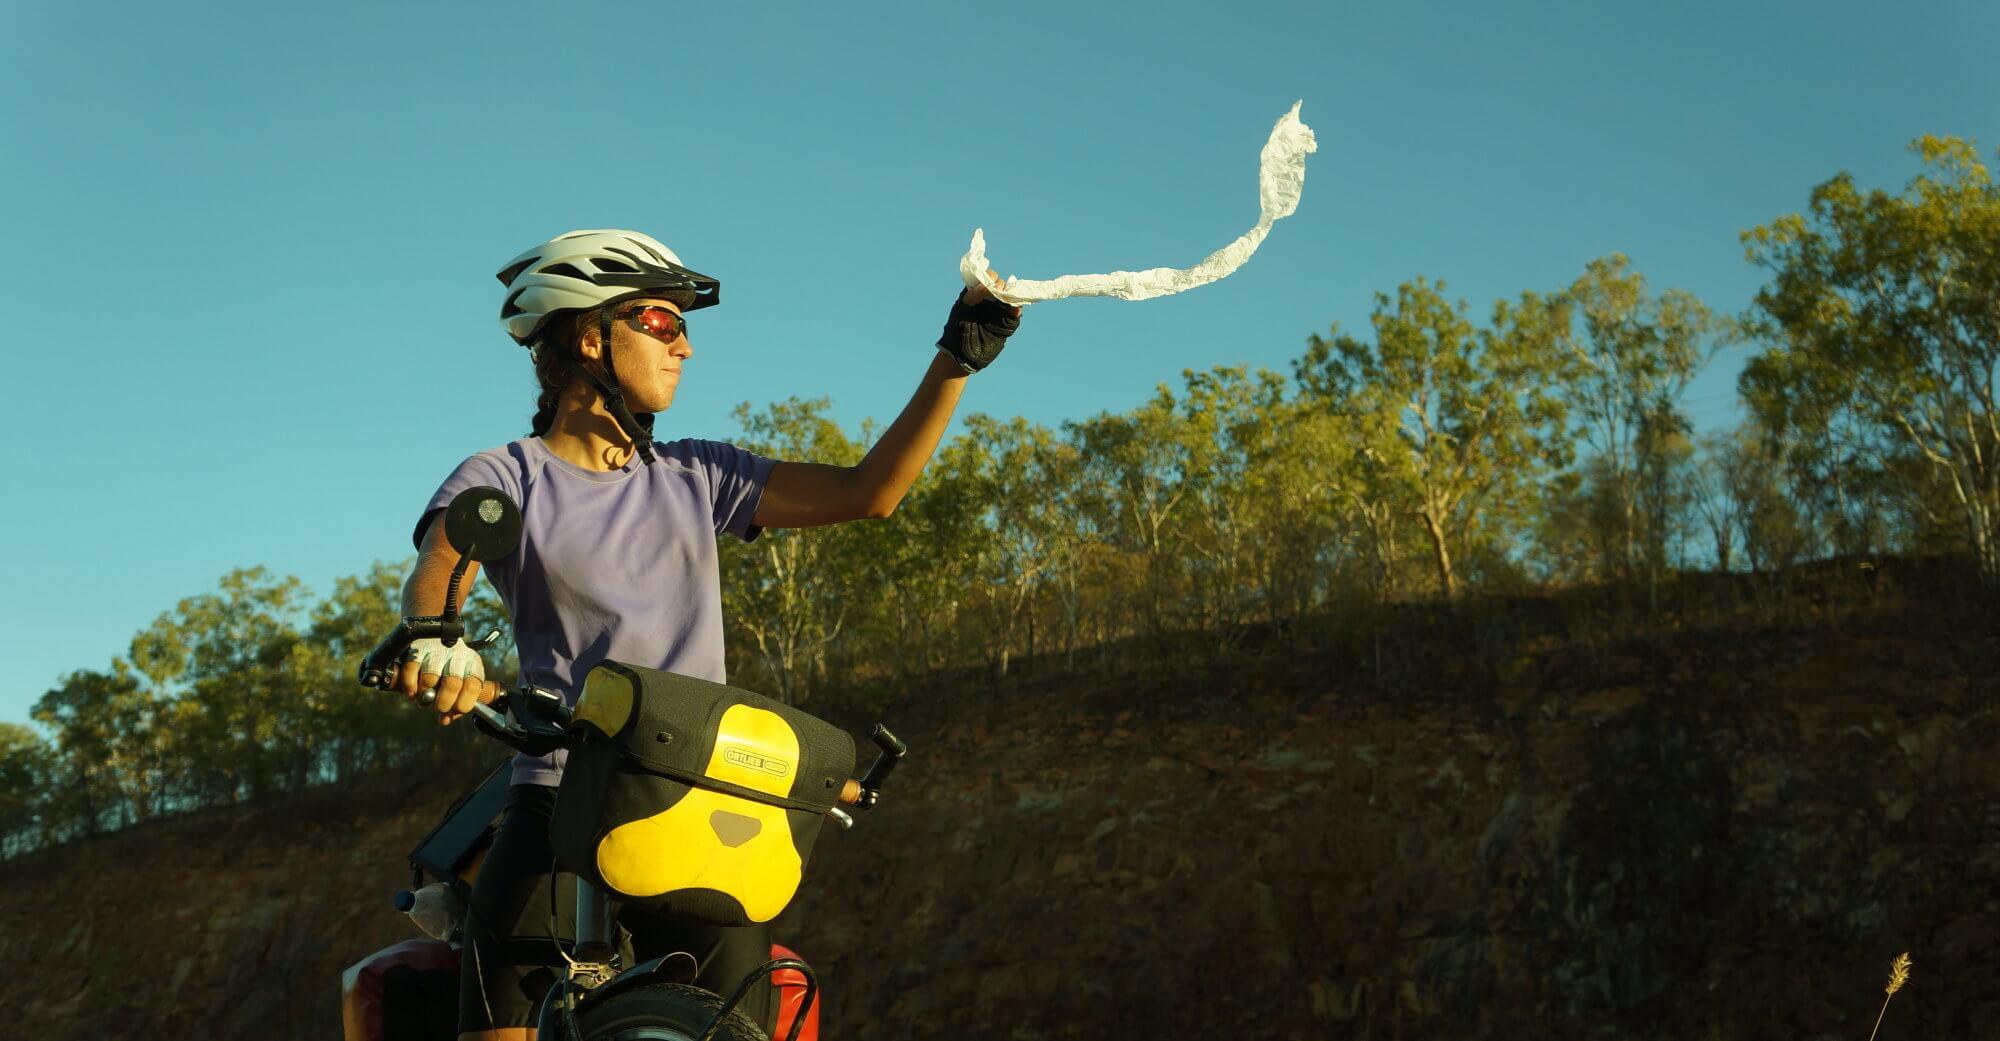 Dziś mamy pomyślne pomiary: przed nami idealna pogoda na rower!